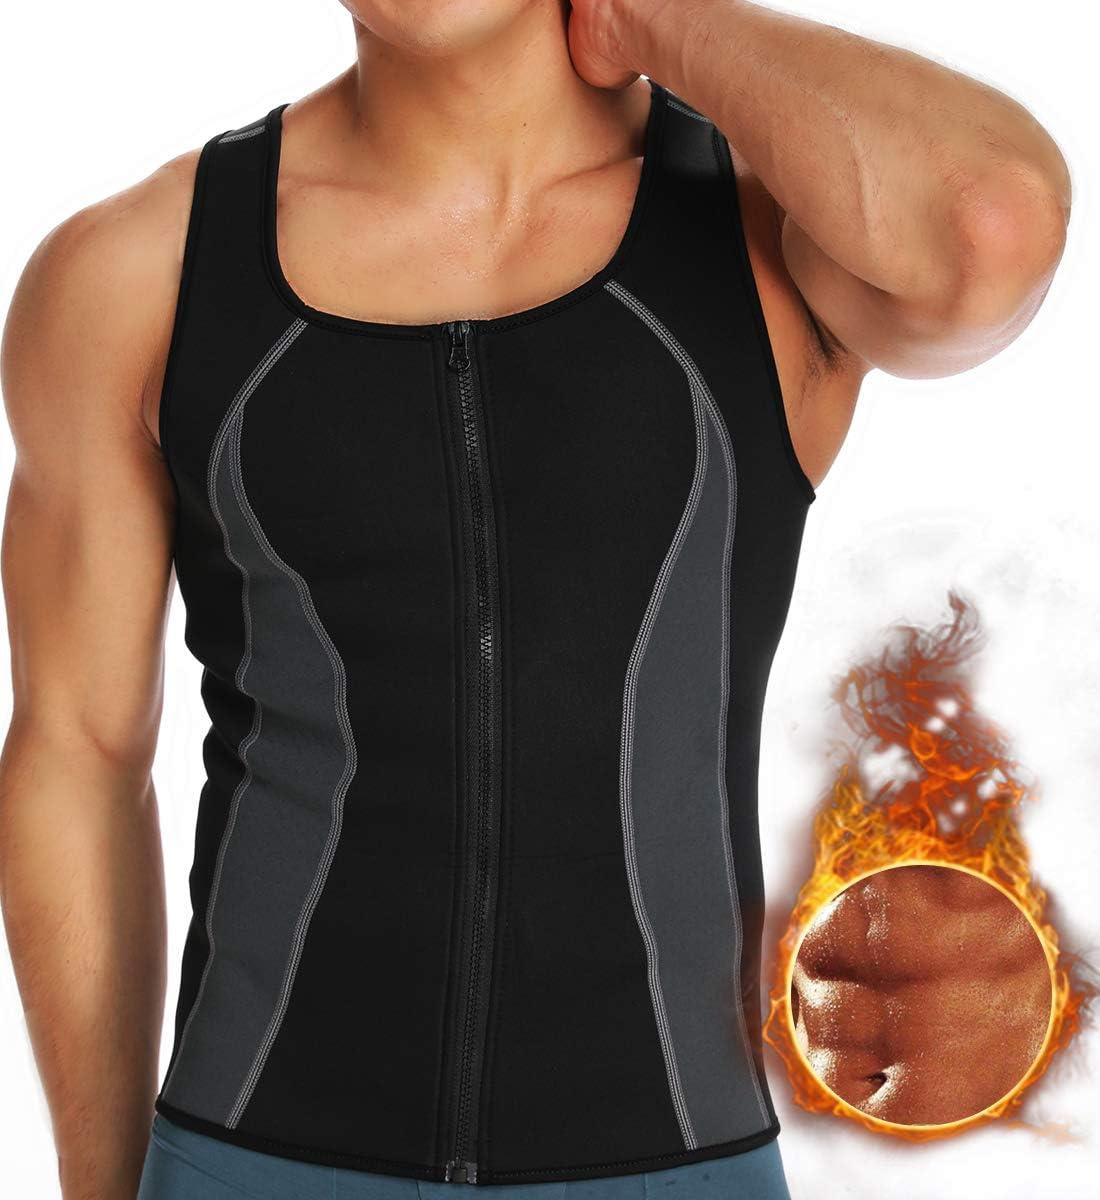 NOVECASA Sauna D/ébardeur Homme N/éopr/ène Gilet D/ébardeur de Sudation Hauts Transpiration Gymnastique Combustion des Graisses pour Fitness Yoga